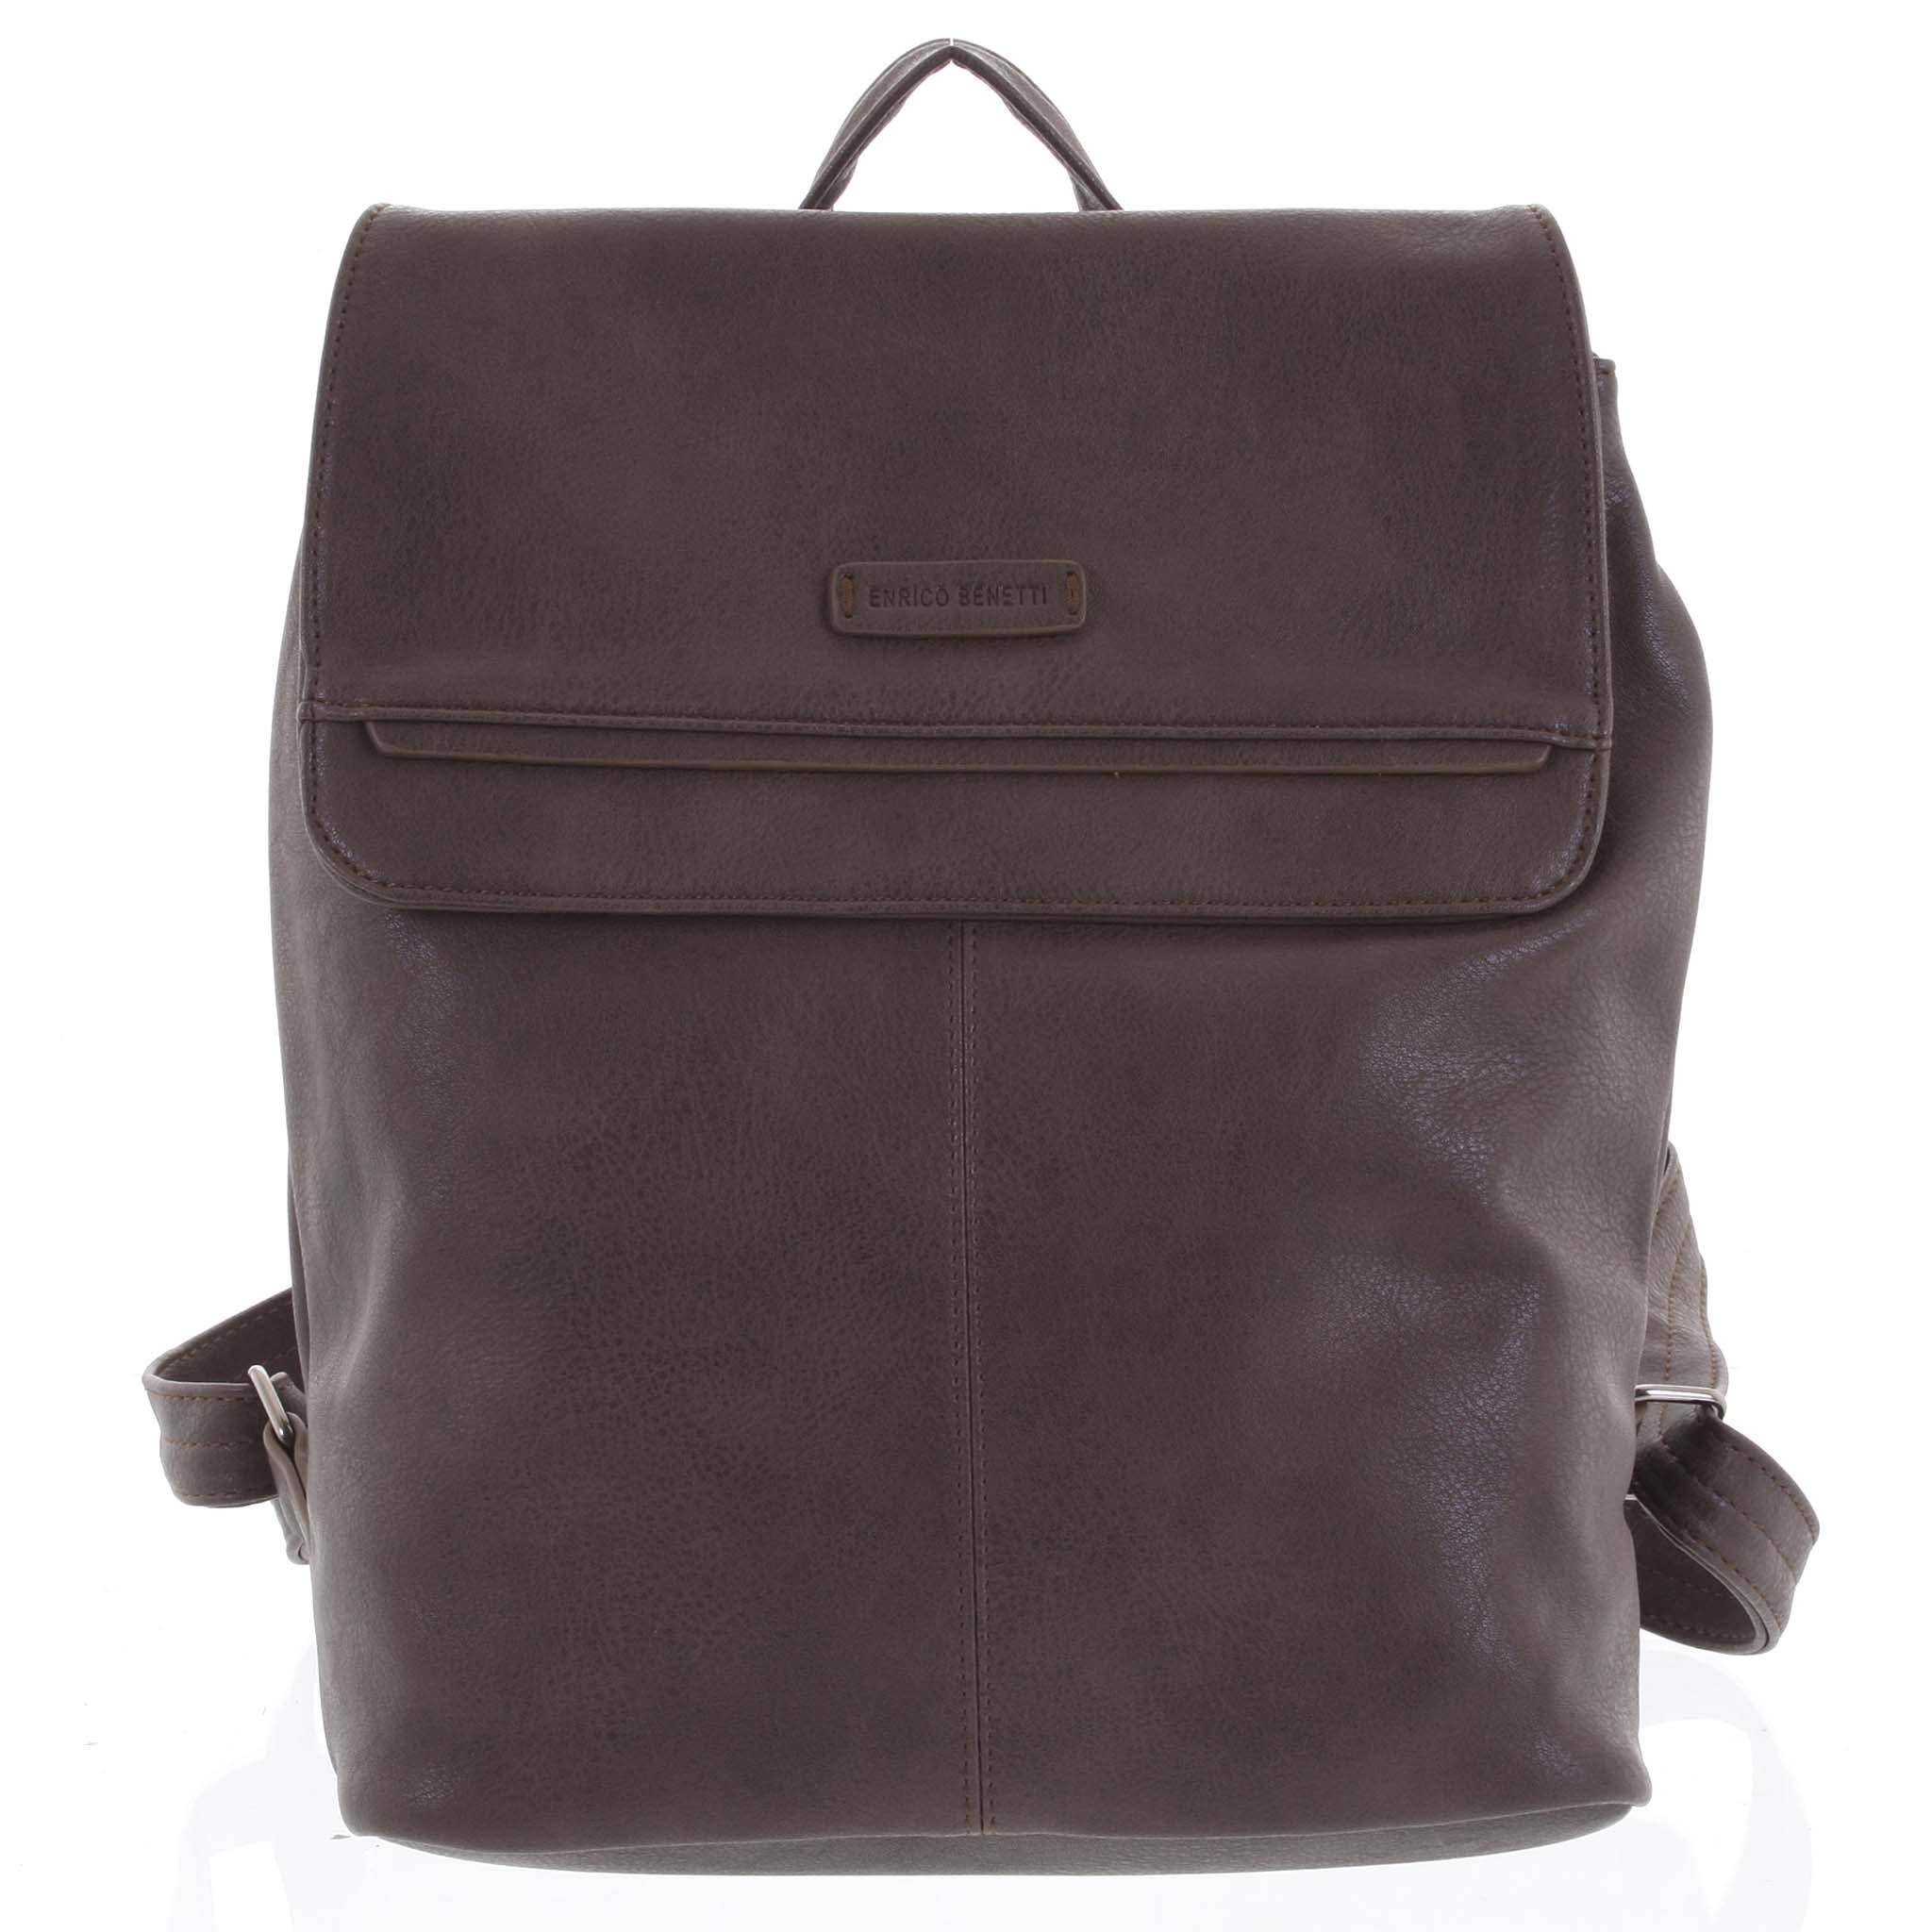 Dámský stylový batoh tmavě hnědý - Enrico Benetti Neneke